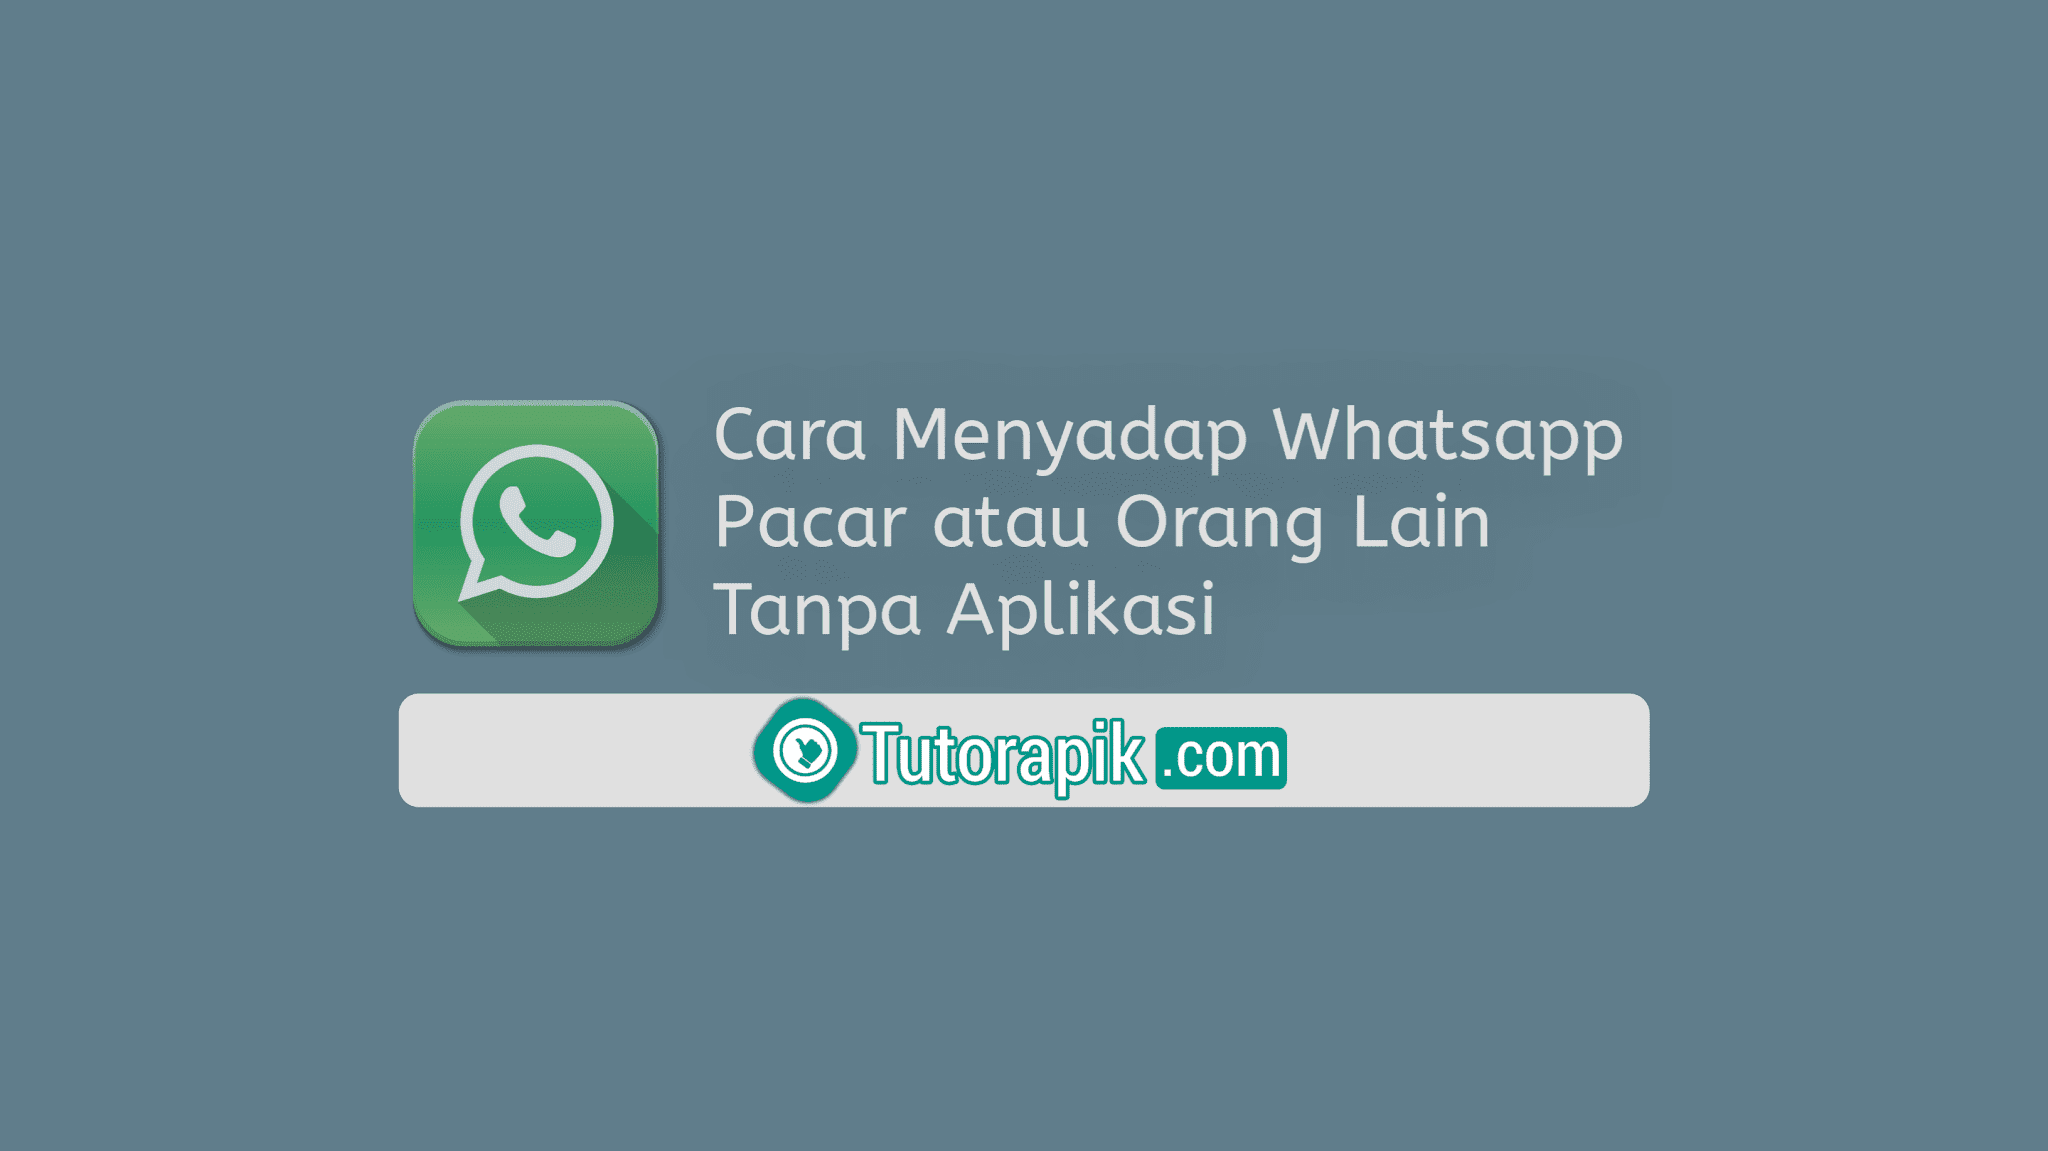 Cara Menyadap WhatsApp Pacar atau Orang Lain Tanpa Aplikasi